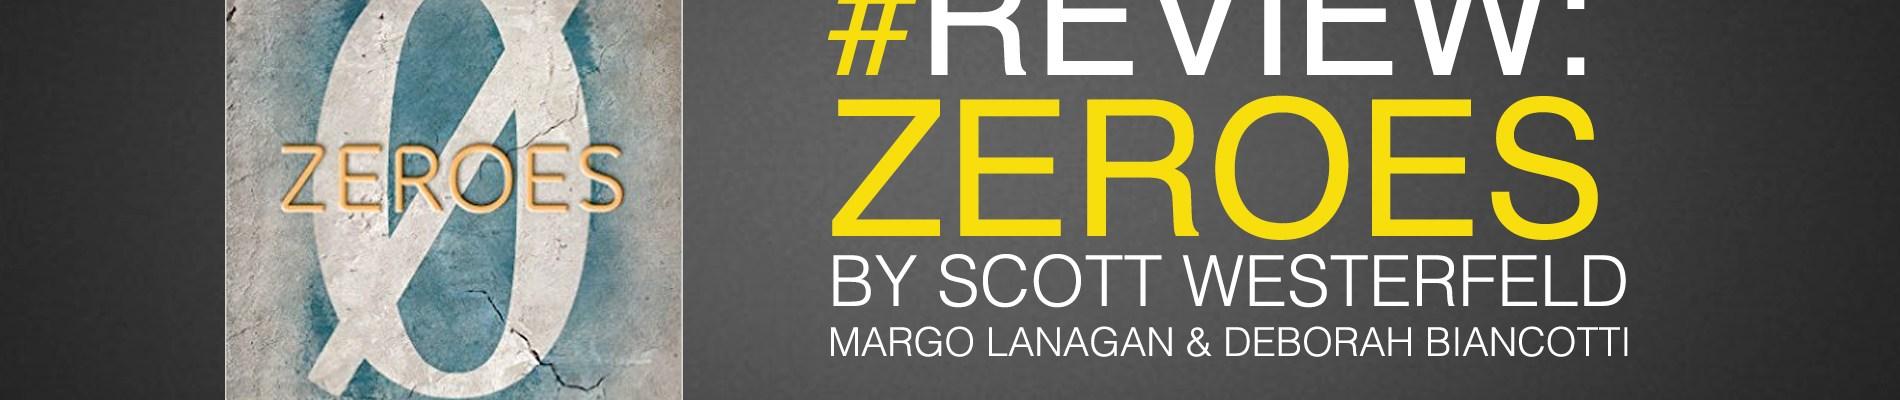 Zeroes review-scott-westerfeld